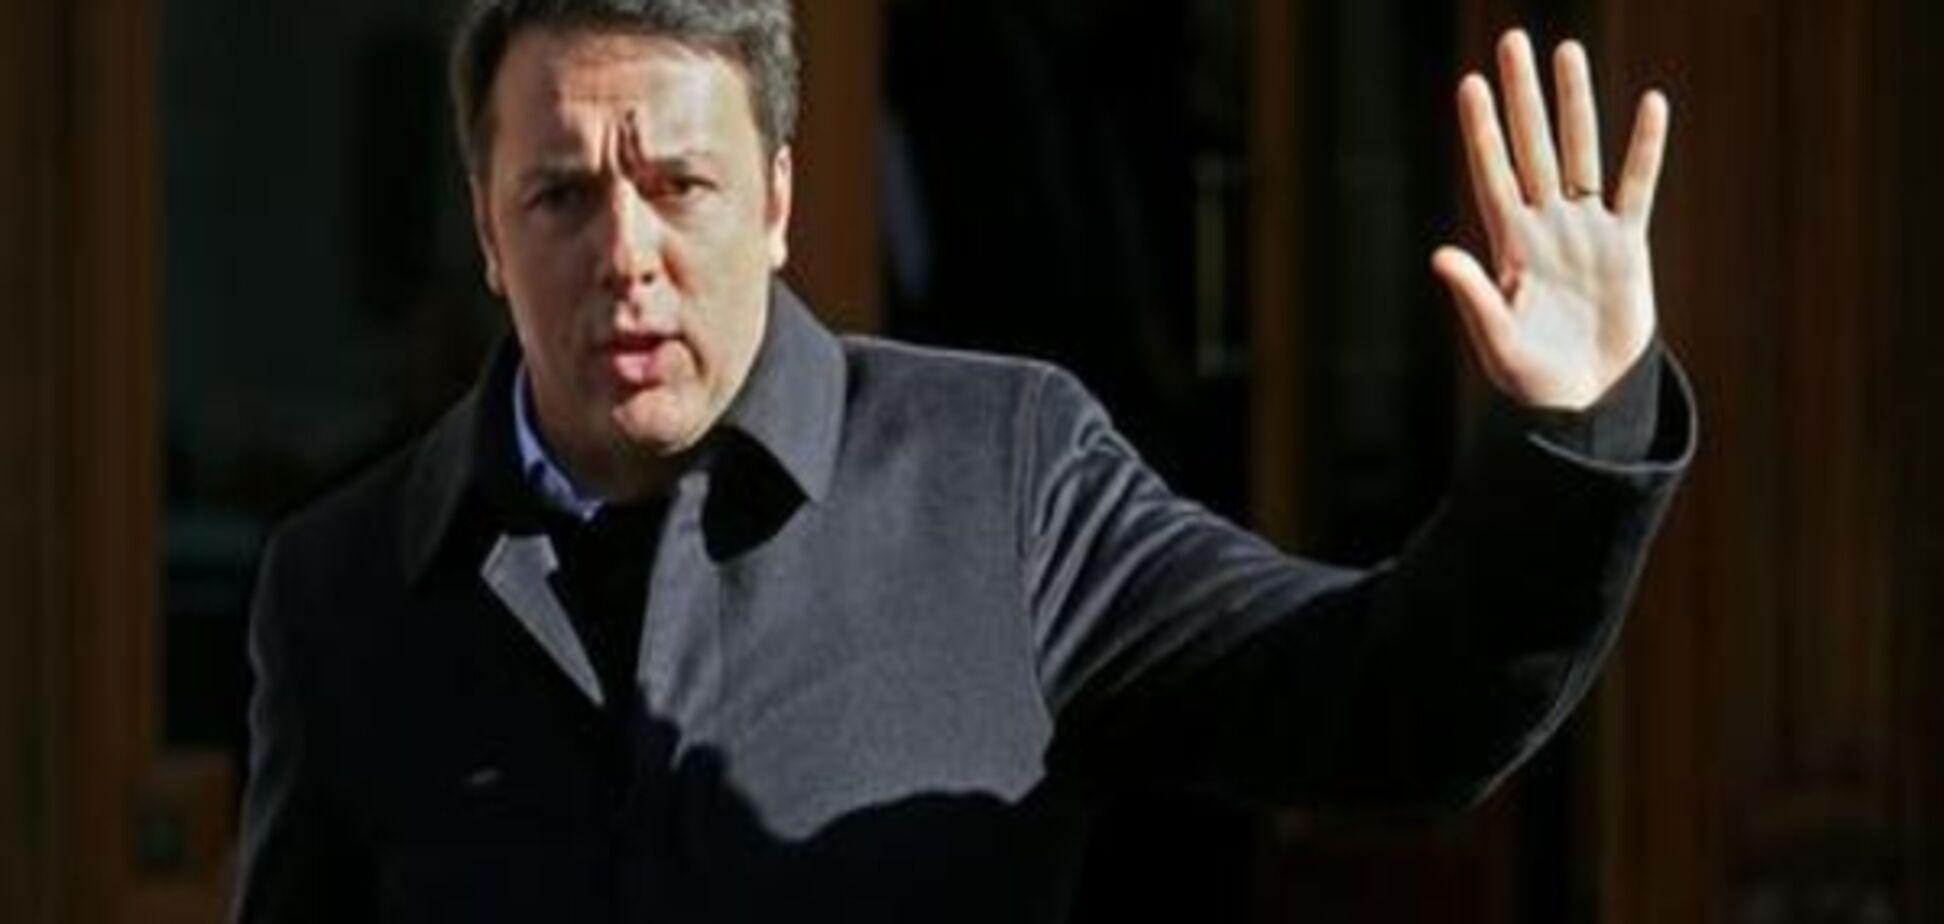 Вибори в Італії: лідер правлячої партії заявив про відставку